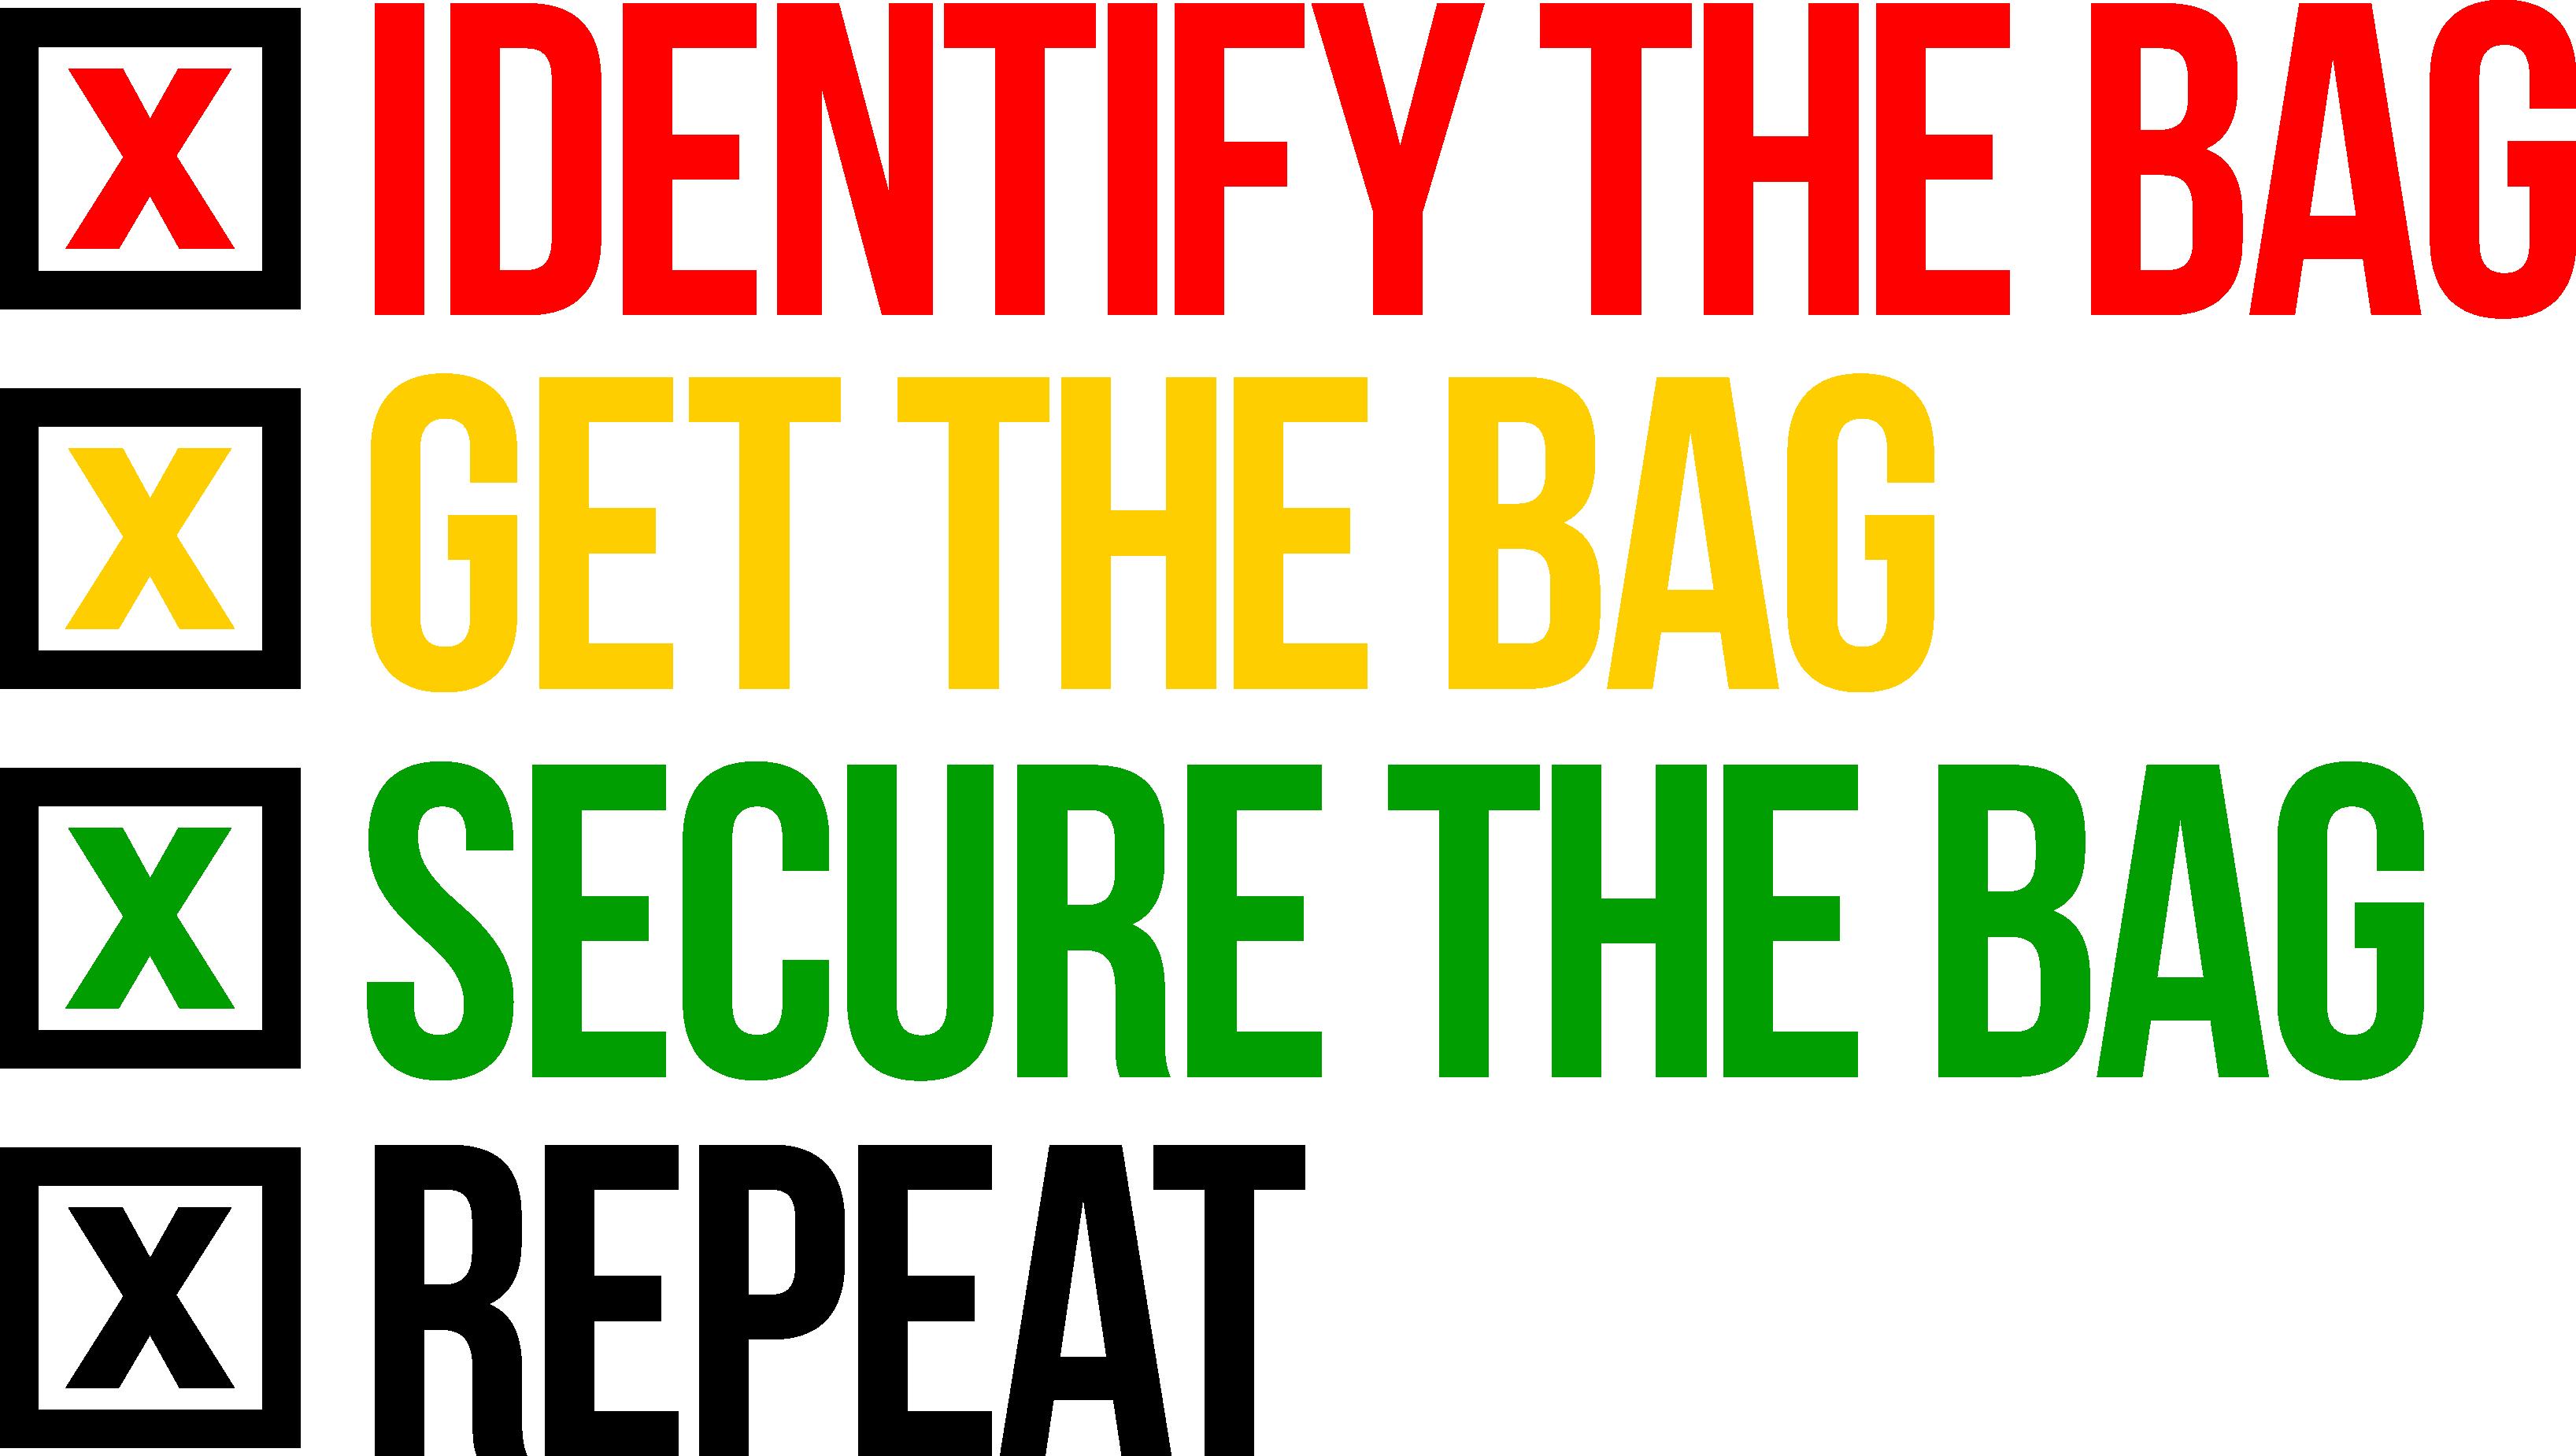 Securethebagsteps